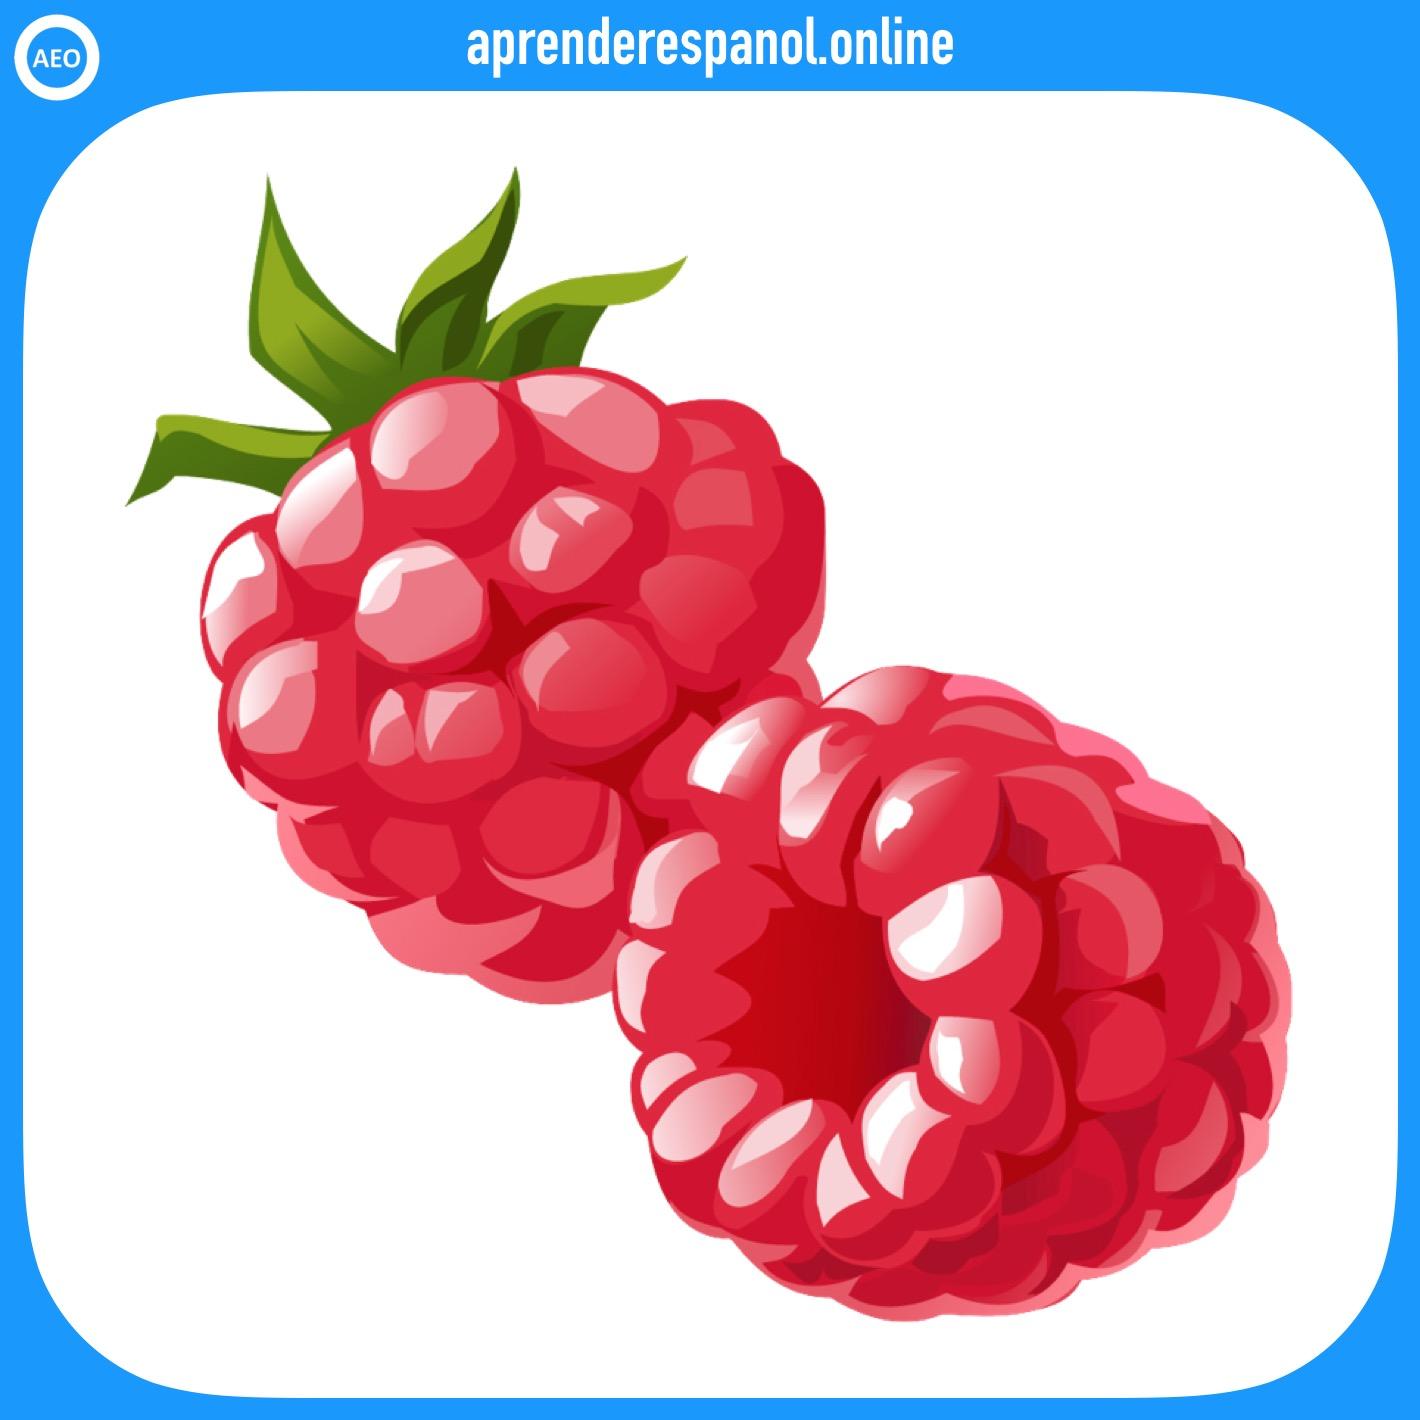 frambuesa - frutas en español - vocabulario de las frutas en español